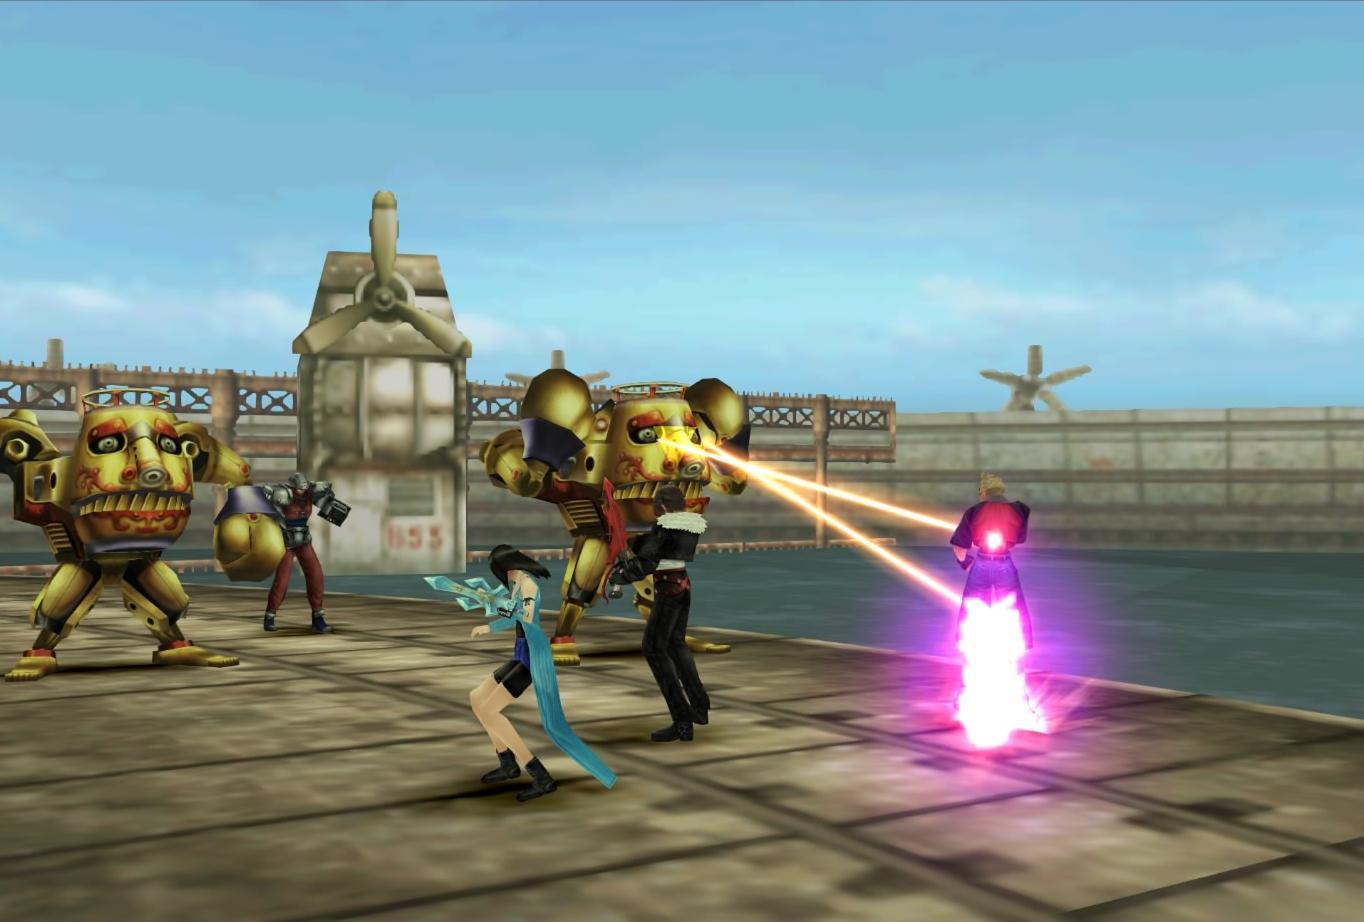 File:FFVIII Snipe Laser.png